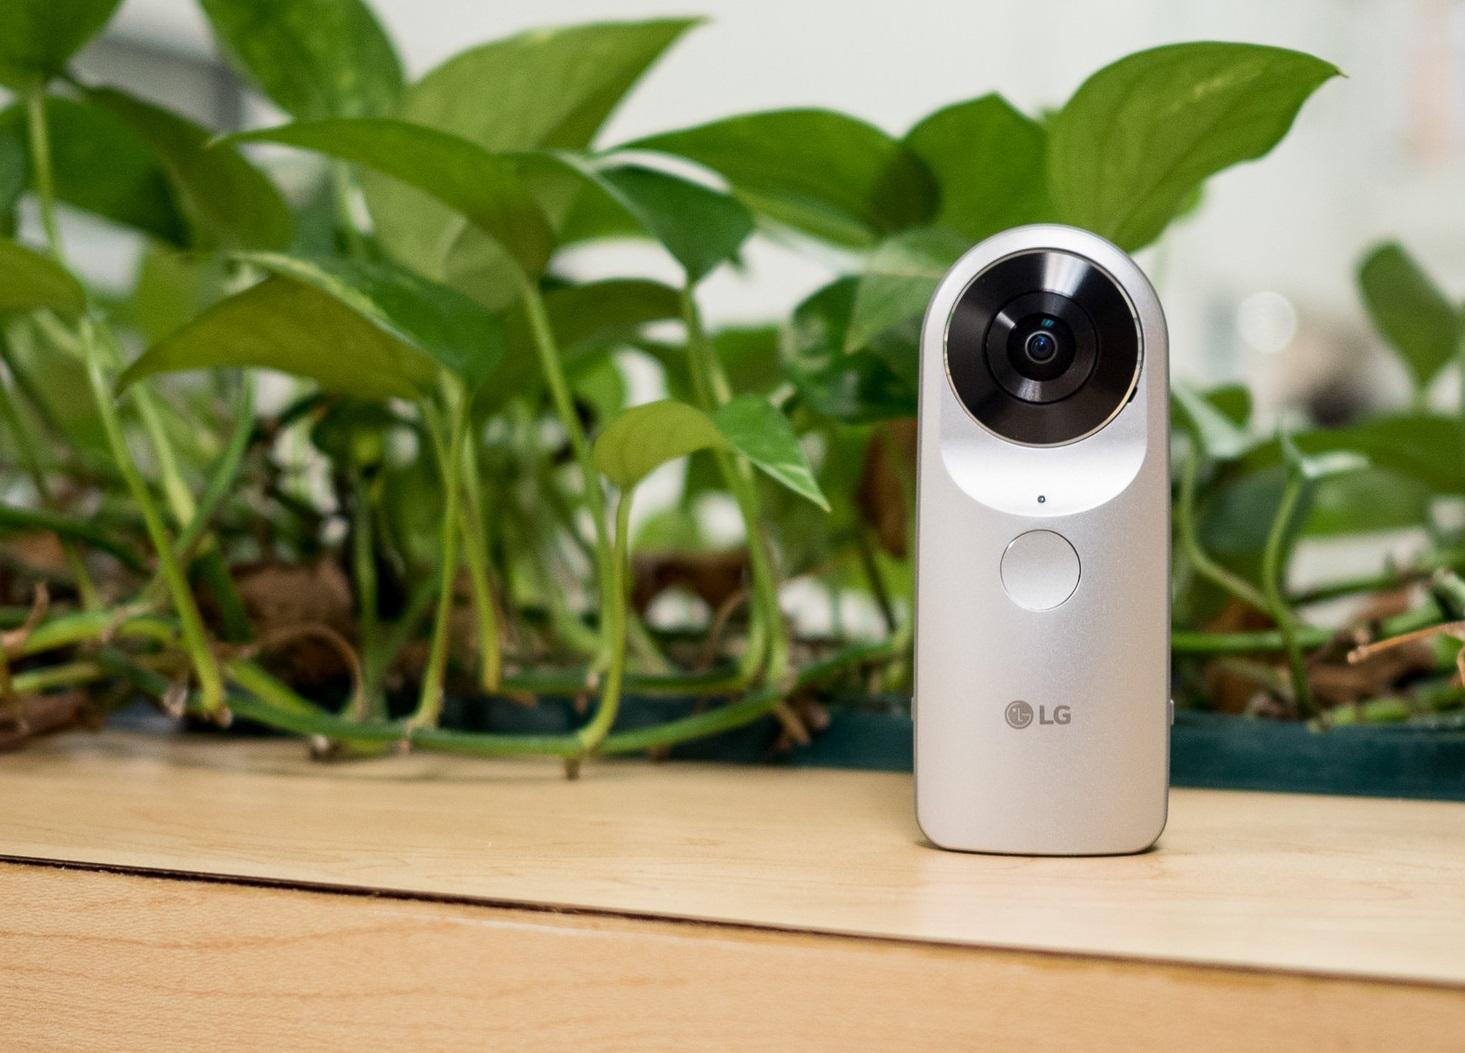 Обзор современной функциональной камеры LG 360 CAM - главное фото